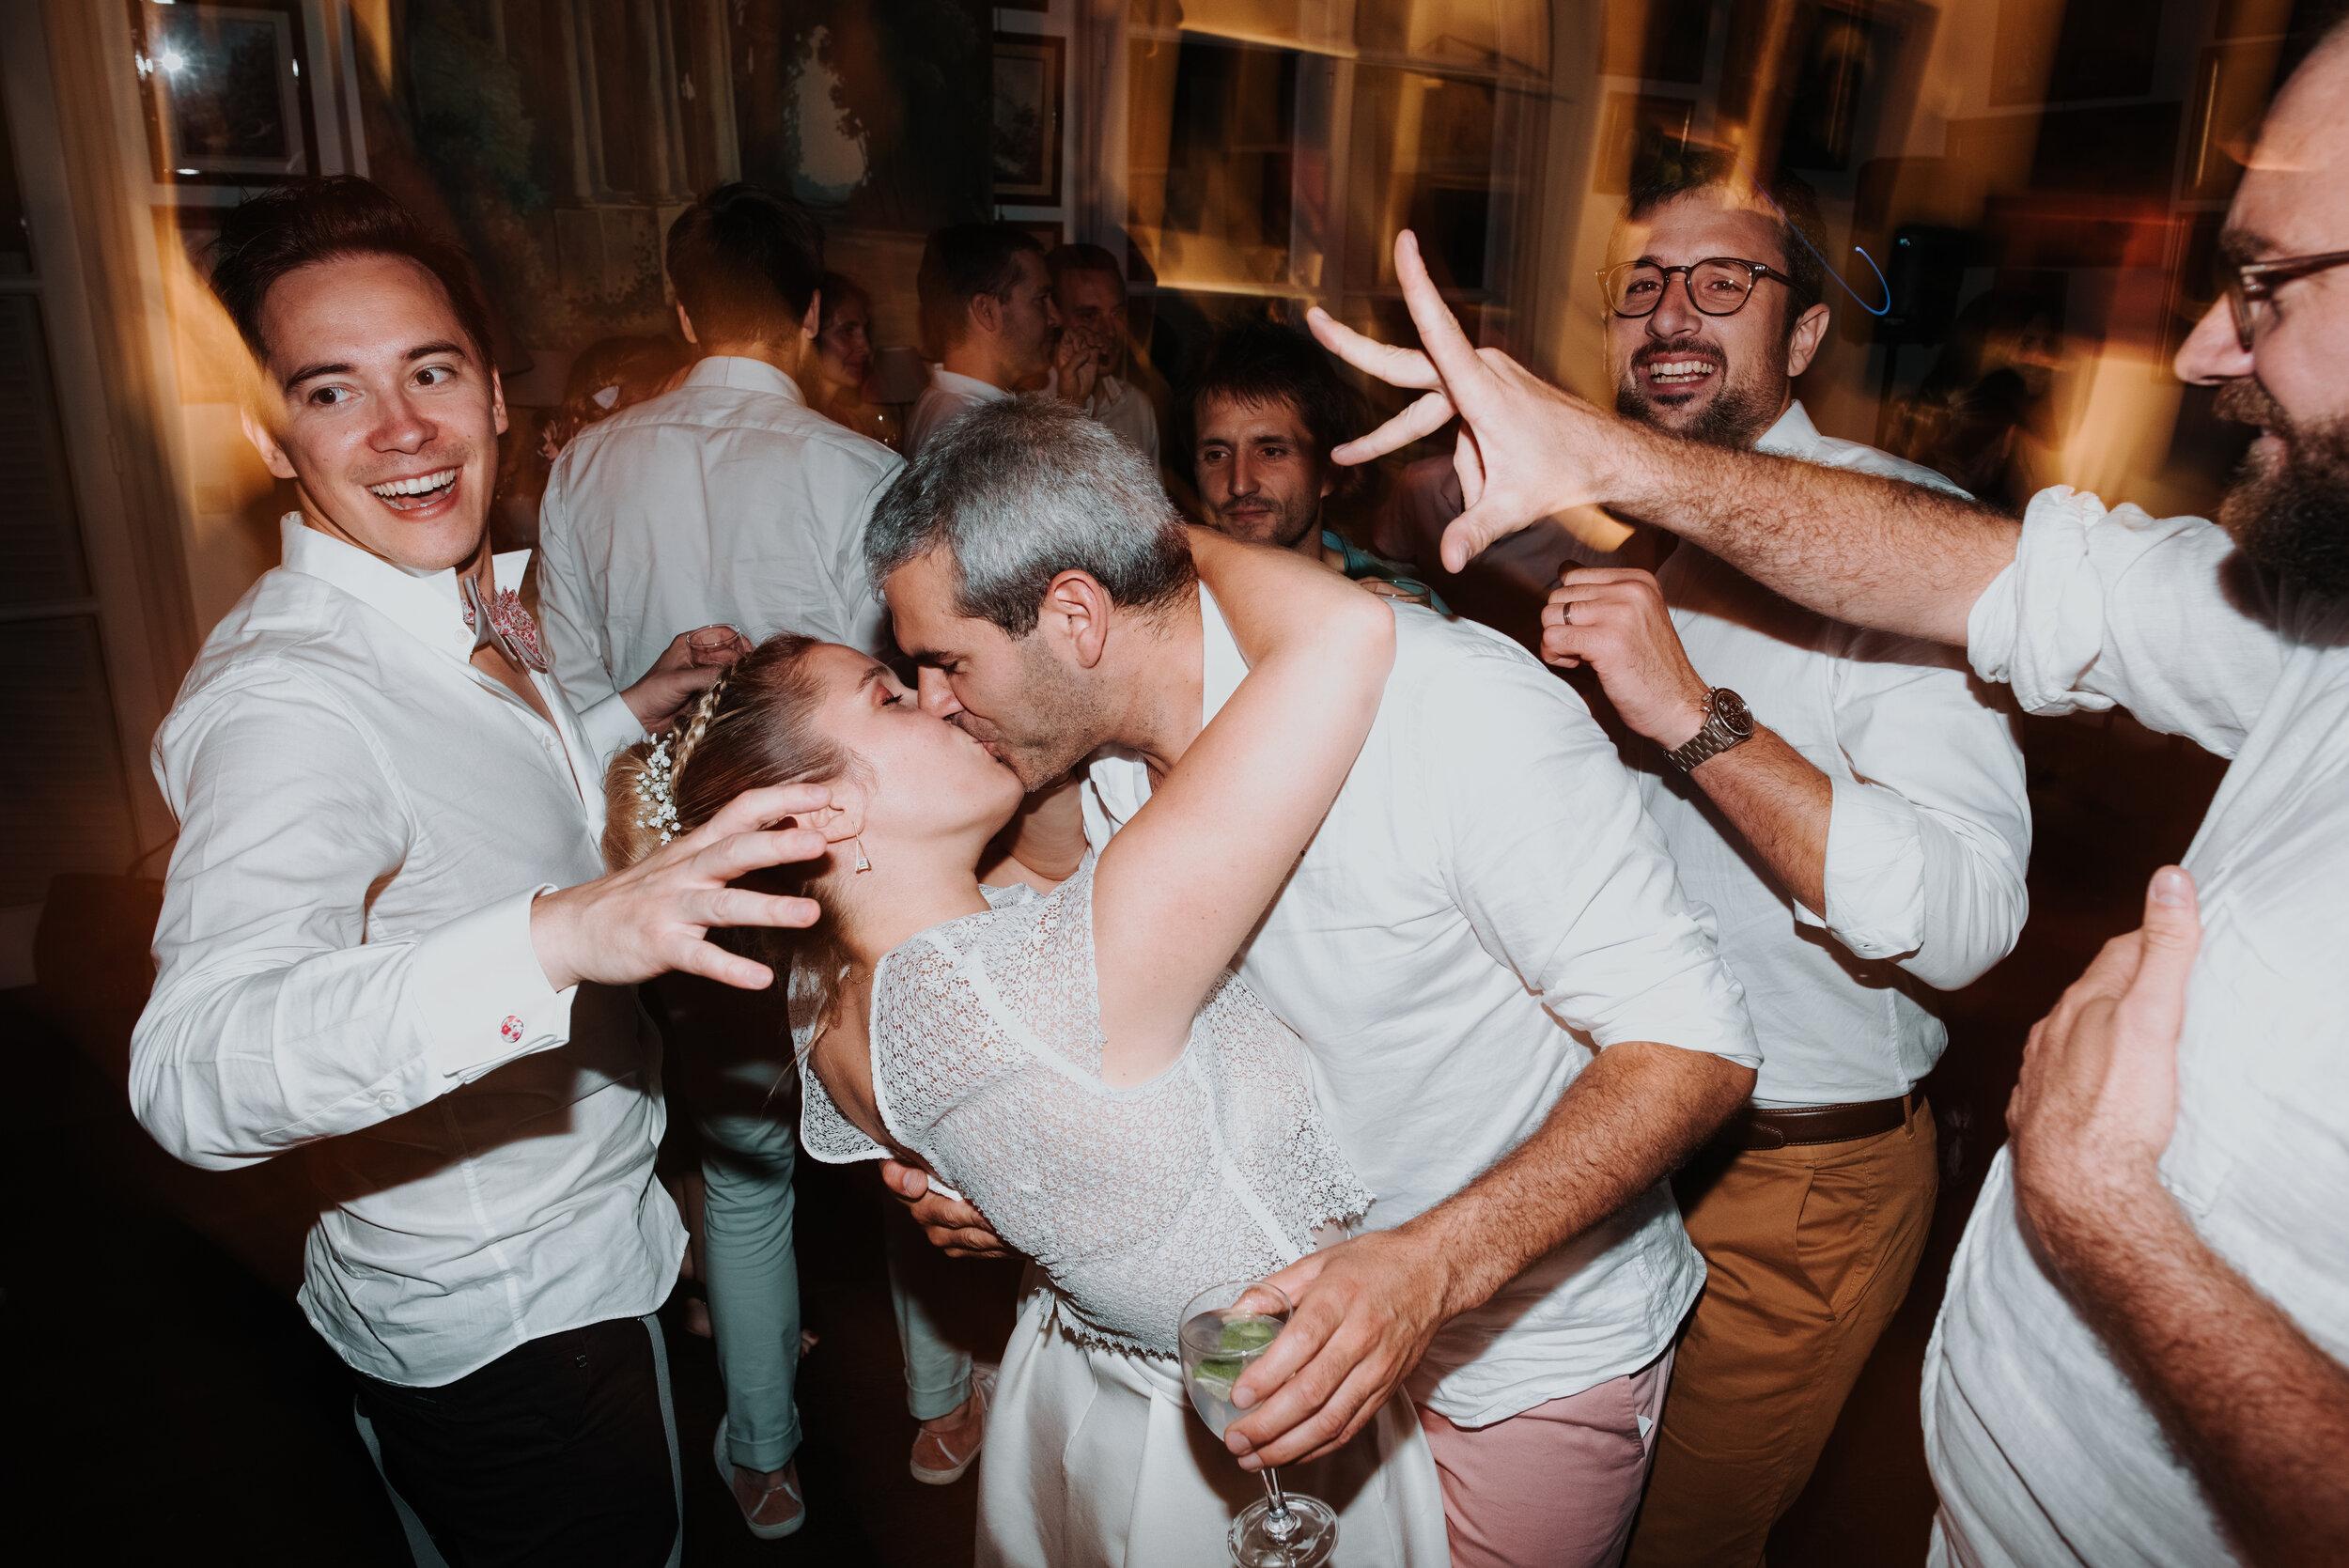 Léa-Fery-photographe-professionnel-Bretagne-portrait-creation-mariage-evenement-evenementiel-famille-3598.jpg